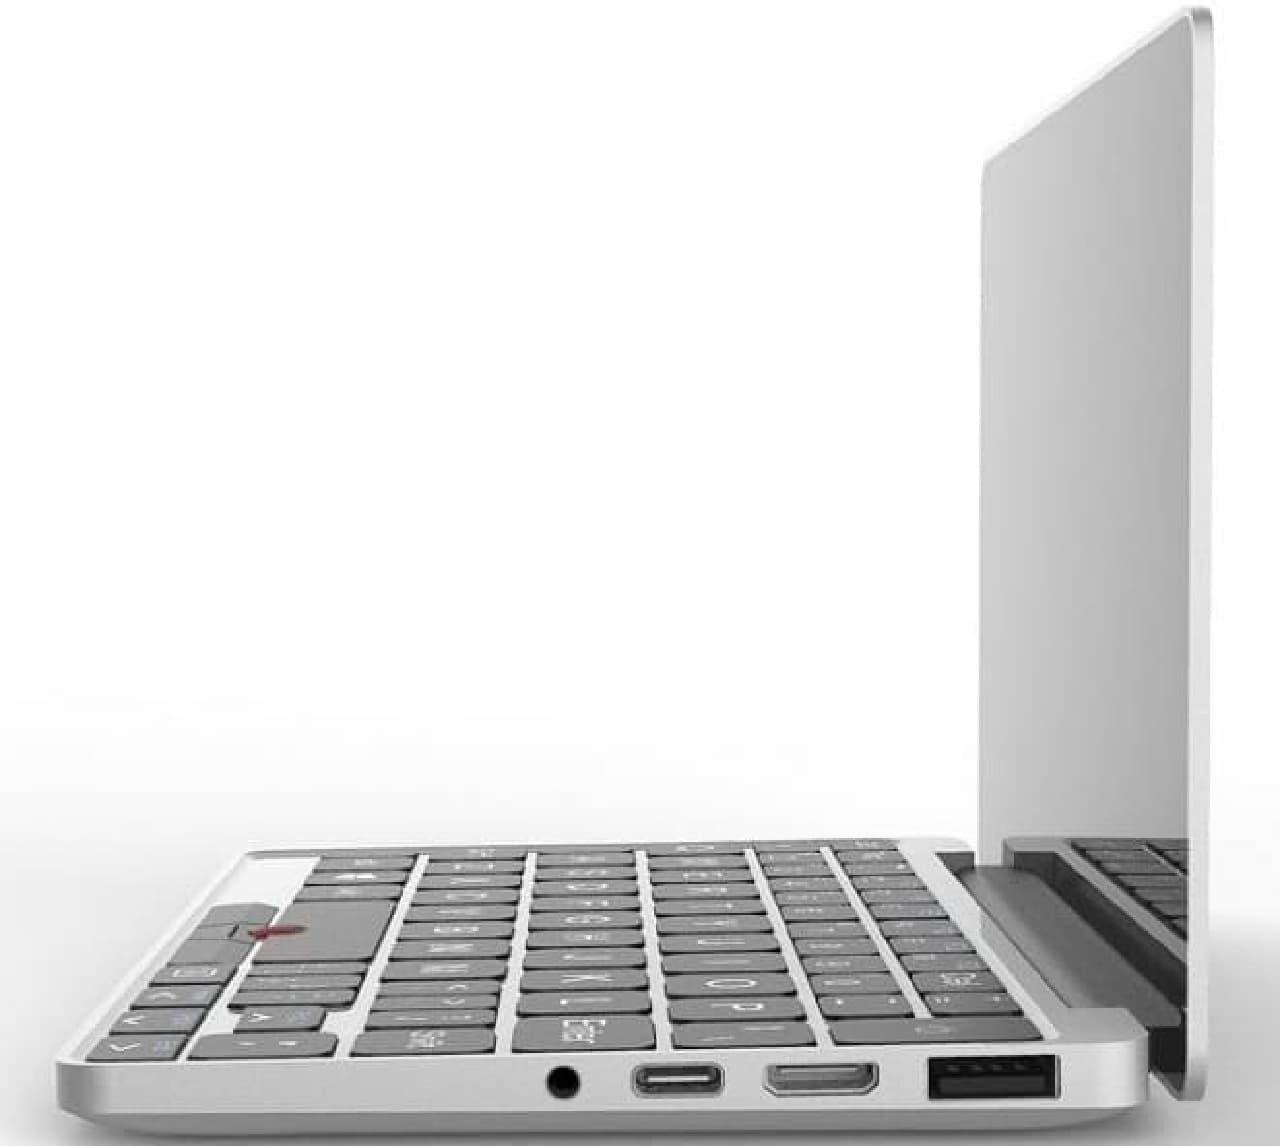 ポケットに入る7インチ画面のWindows 10PC、予約受付開始